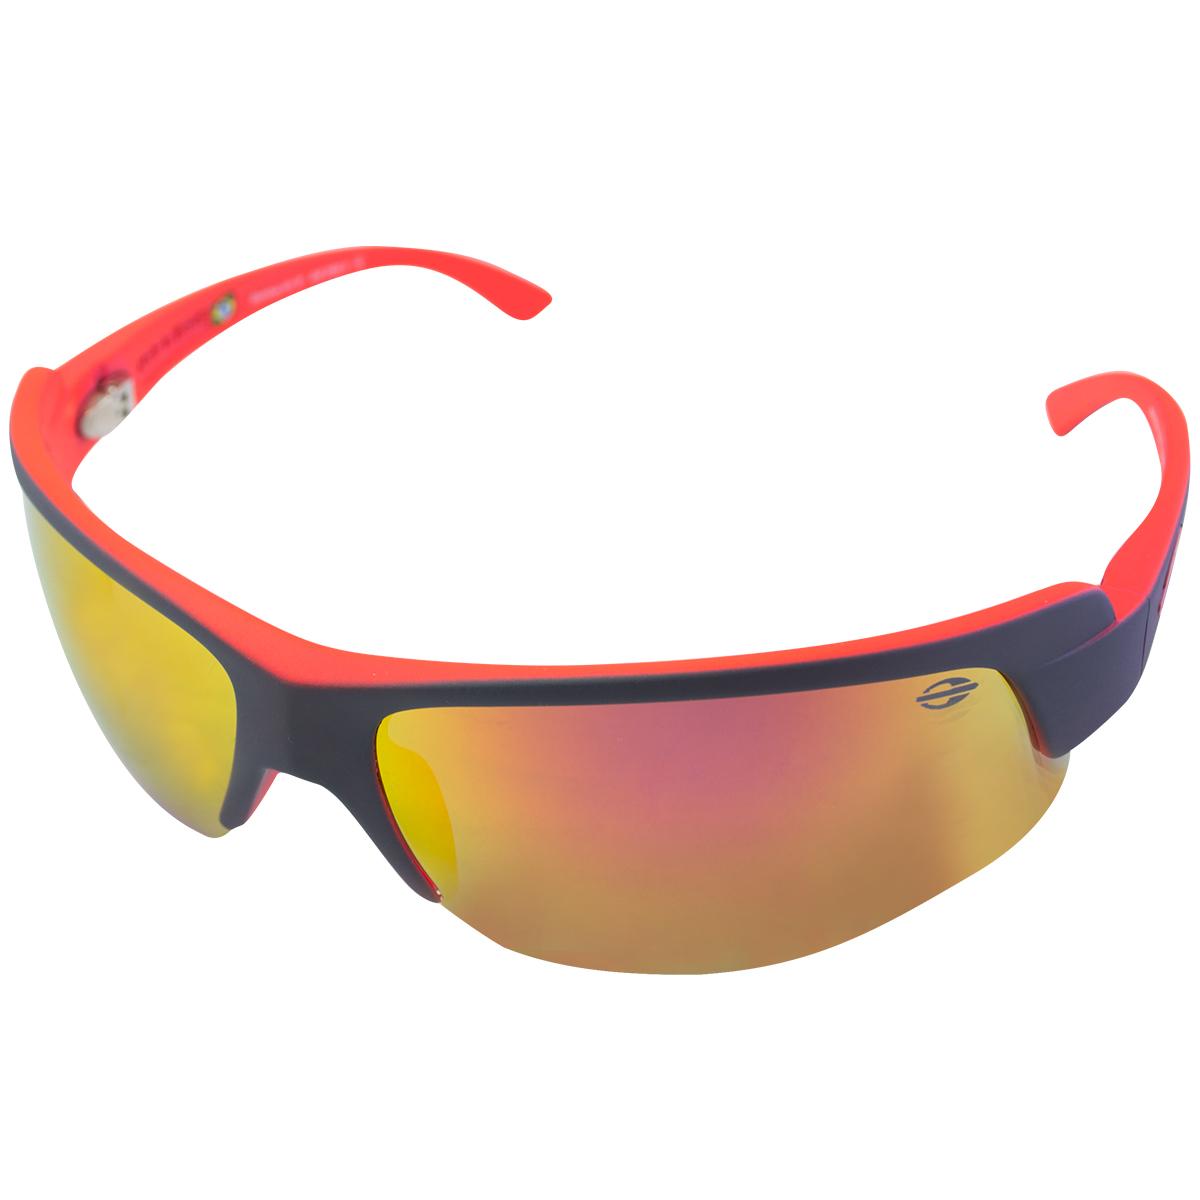 Óculos Mormaii Gamboa Air 3 Vermelho e Preto Lente Ruby Espelhada ... 85da061e66